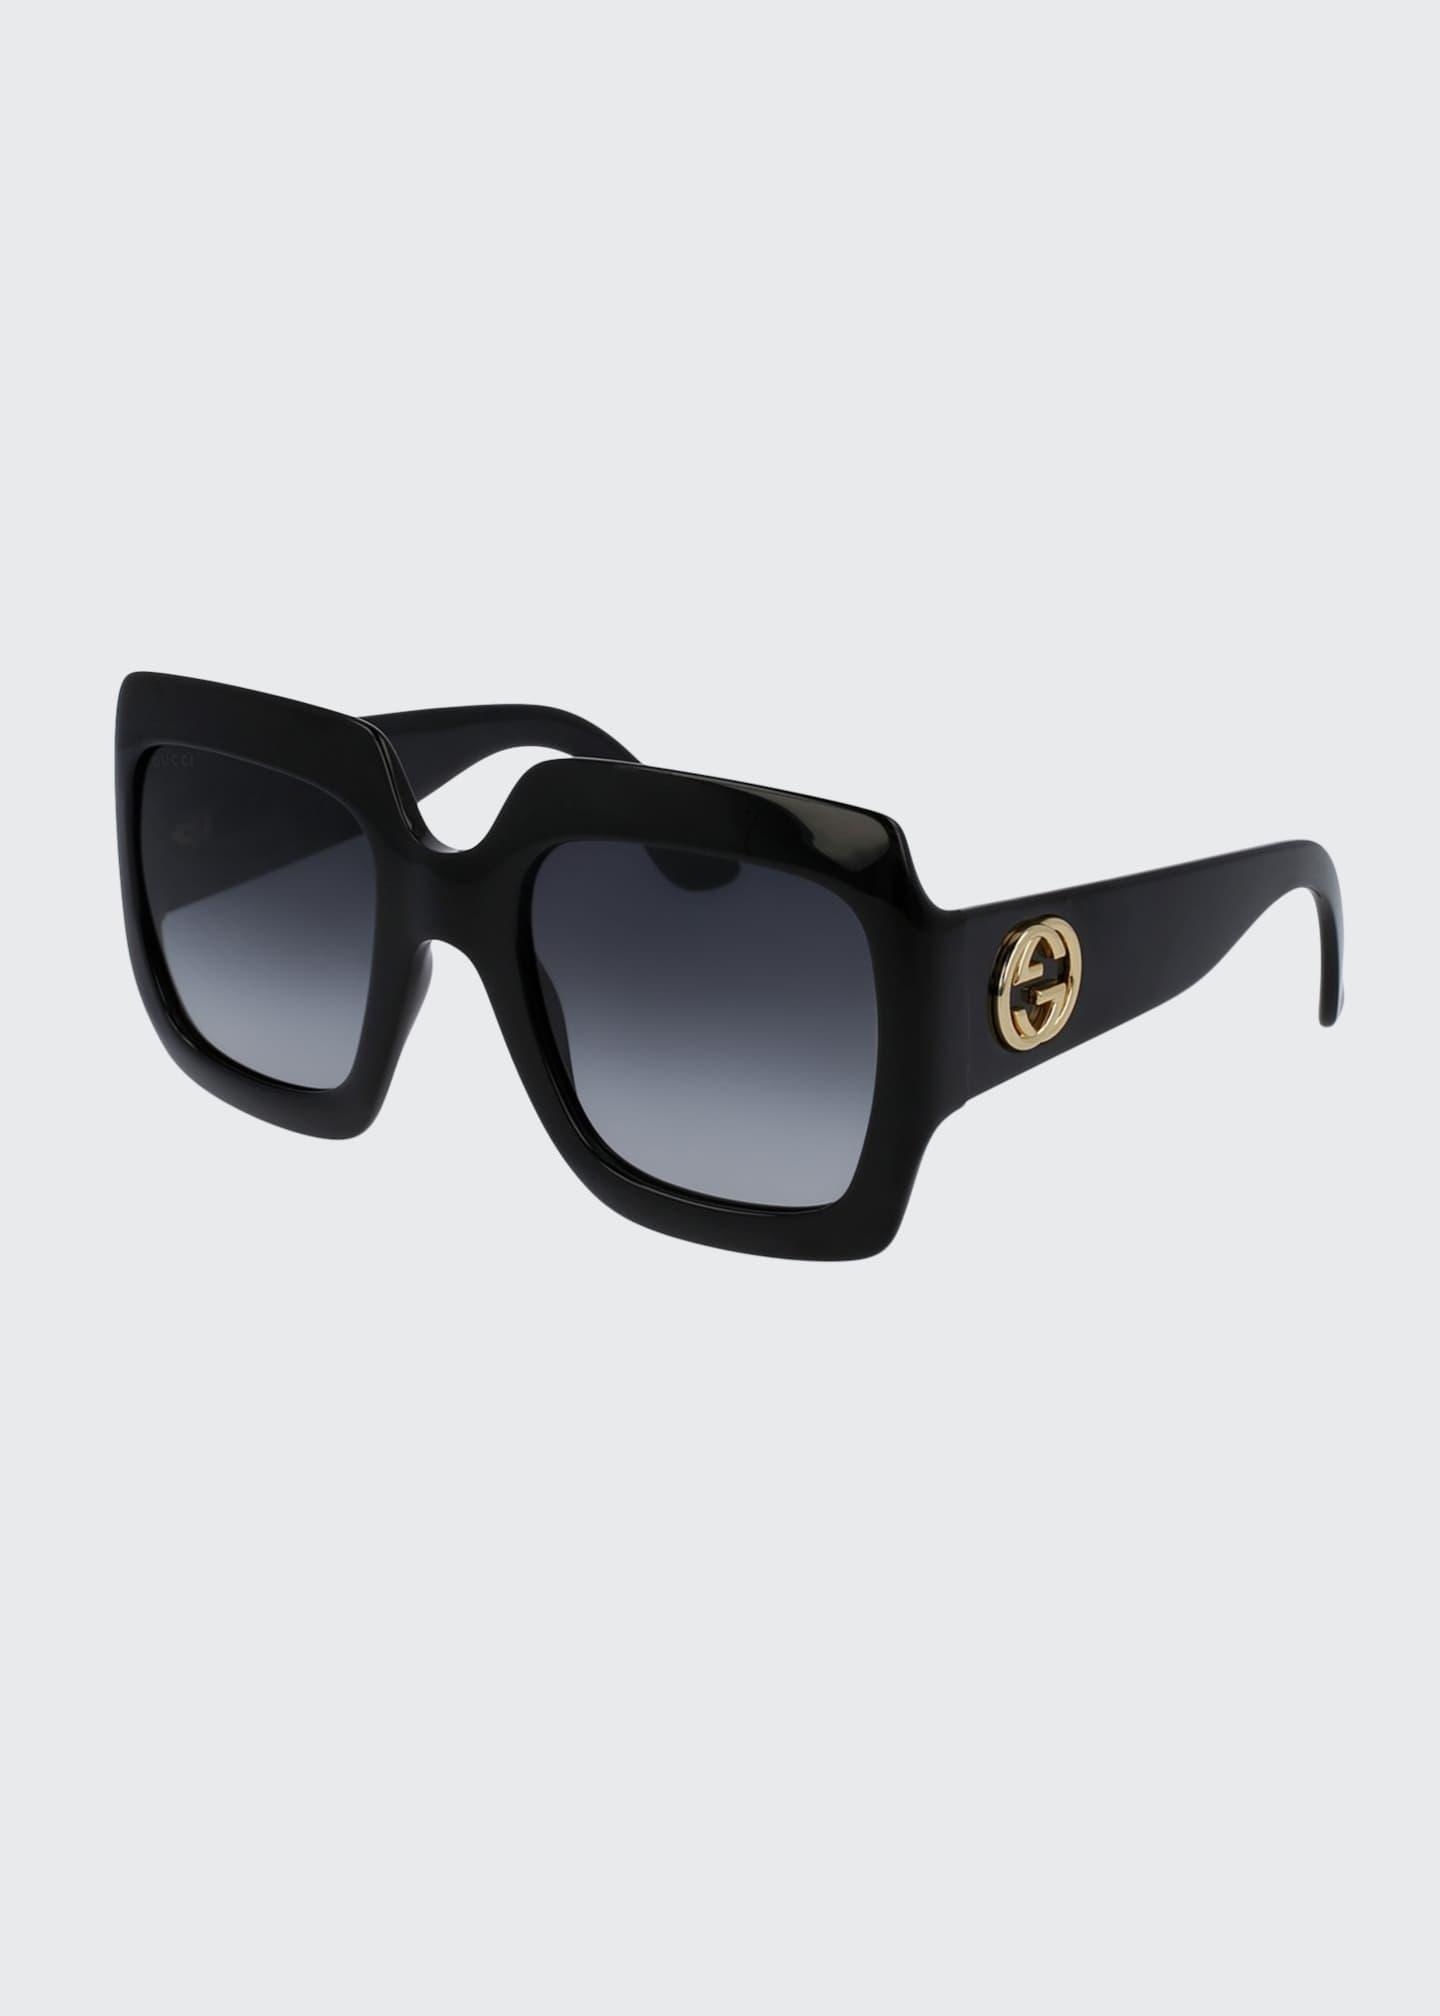 Gucci Oversized Square Sunglasses, Black